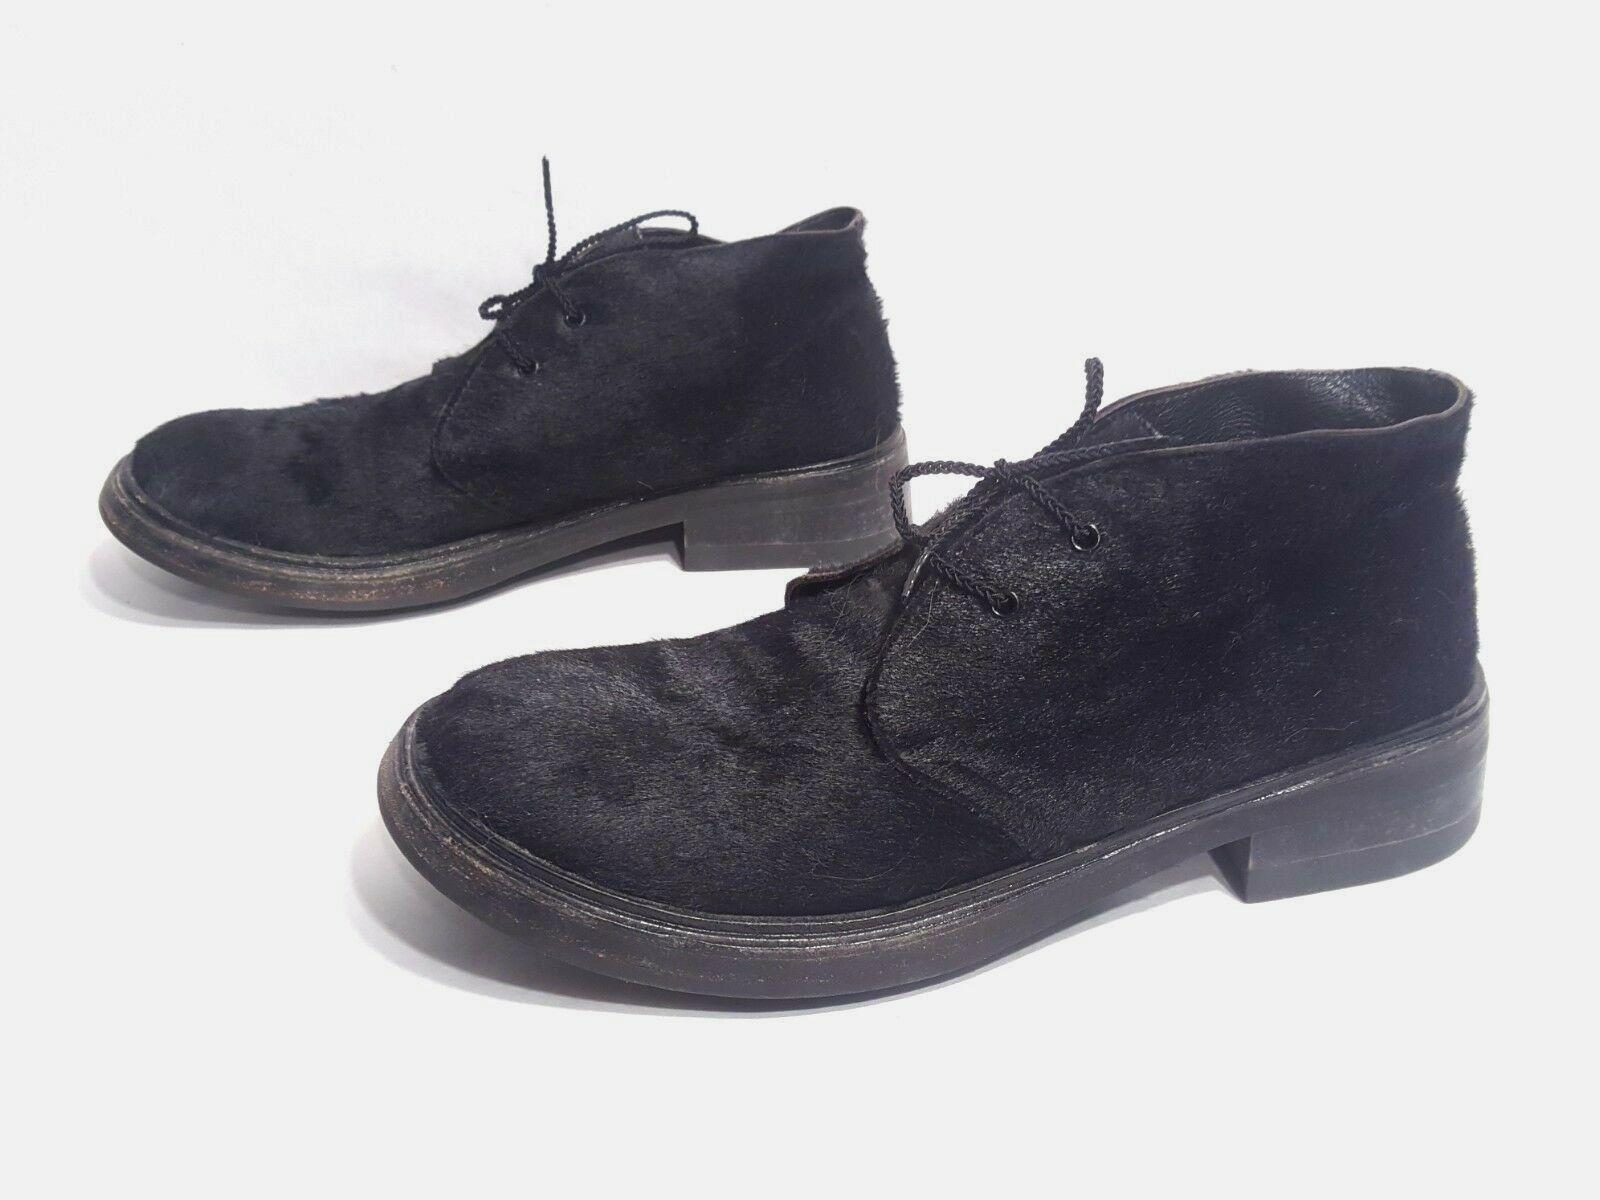 Excelente condición usada Gianni Barbato Cabello Becerro Negro Negro Negro Zapatos Oxford Hecho En Italia Talla EUR 39 US 8.5  entrega gratis